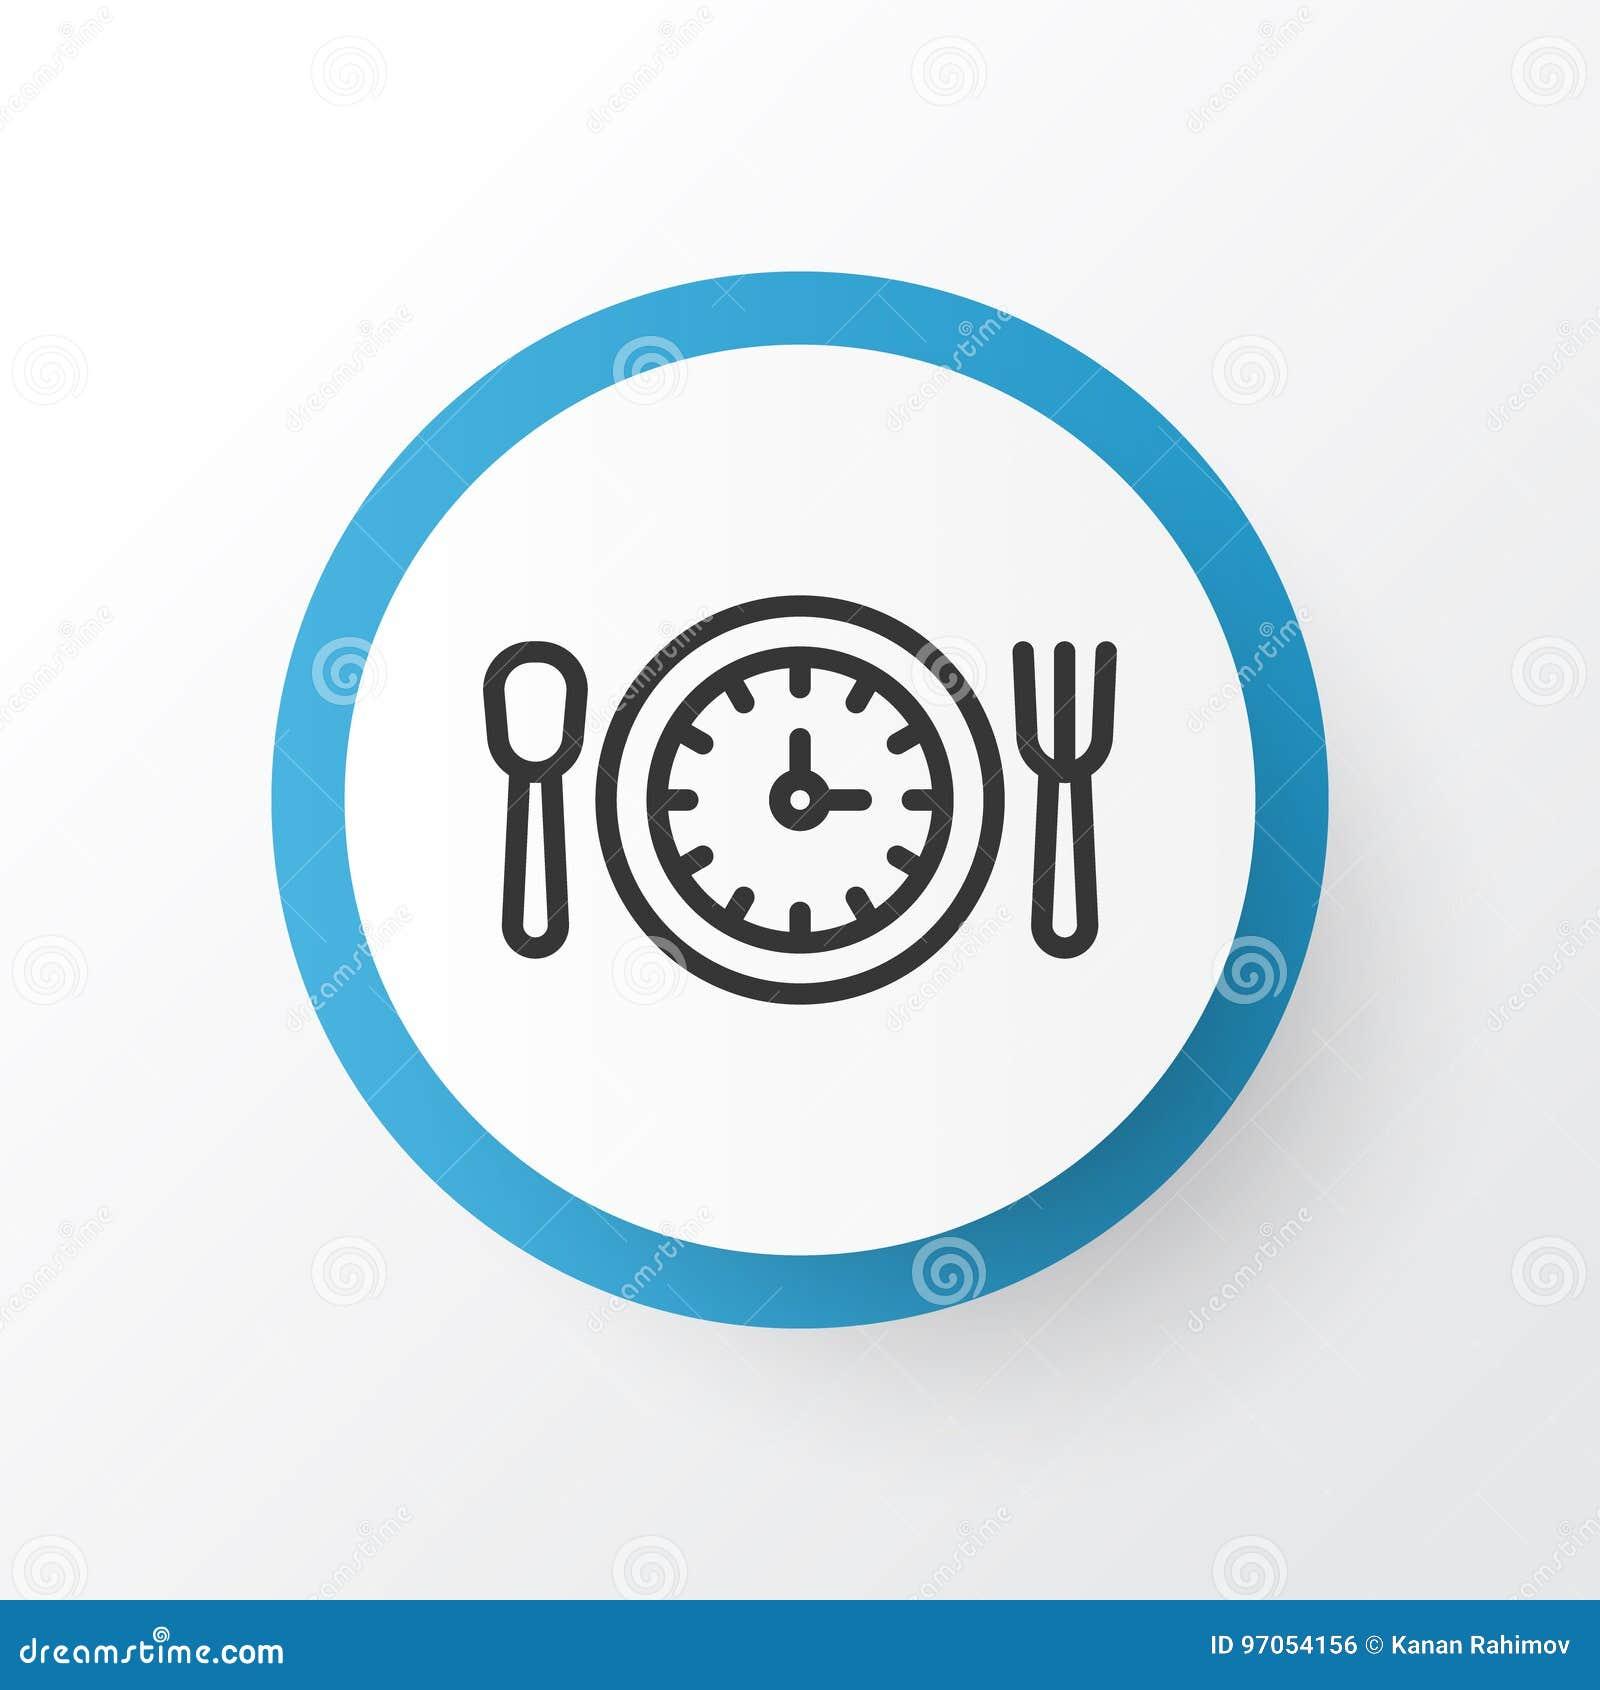 Σύμβολο χρονικών εικονιδίων μεσημεριανού γεύματος Απομονωμένο στοιχείο ώρας γεύματος ασφαλίστρου ποιότητα στο καθιερώνον τη μόδα